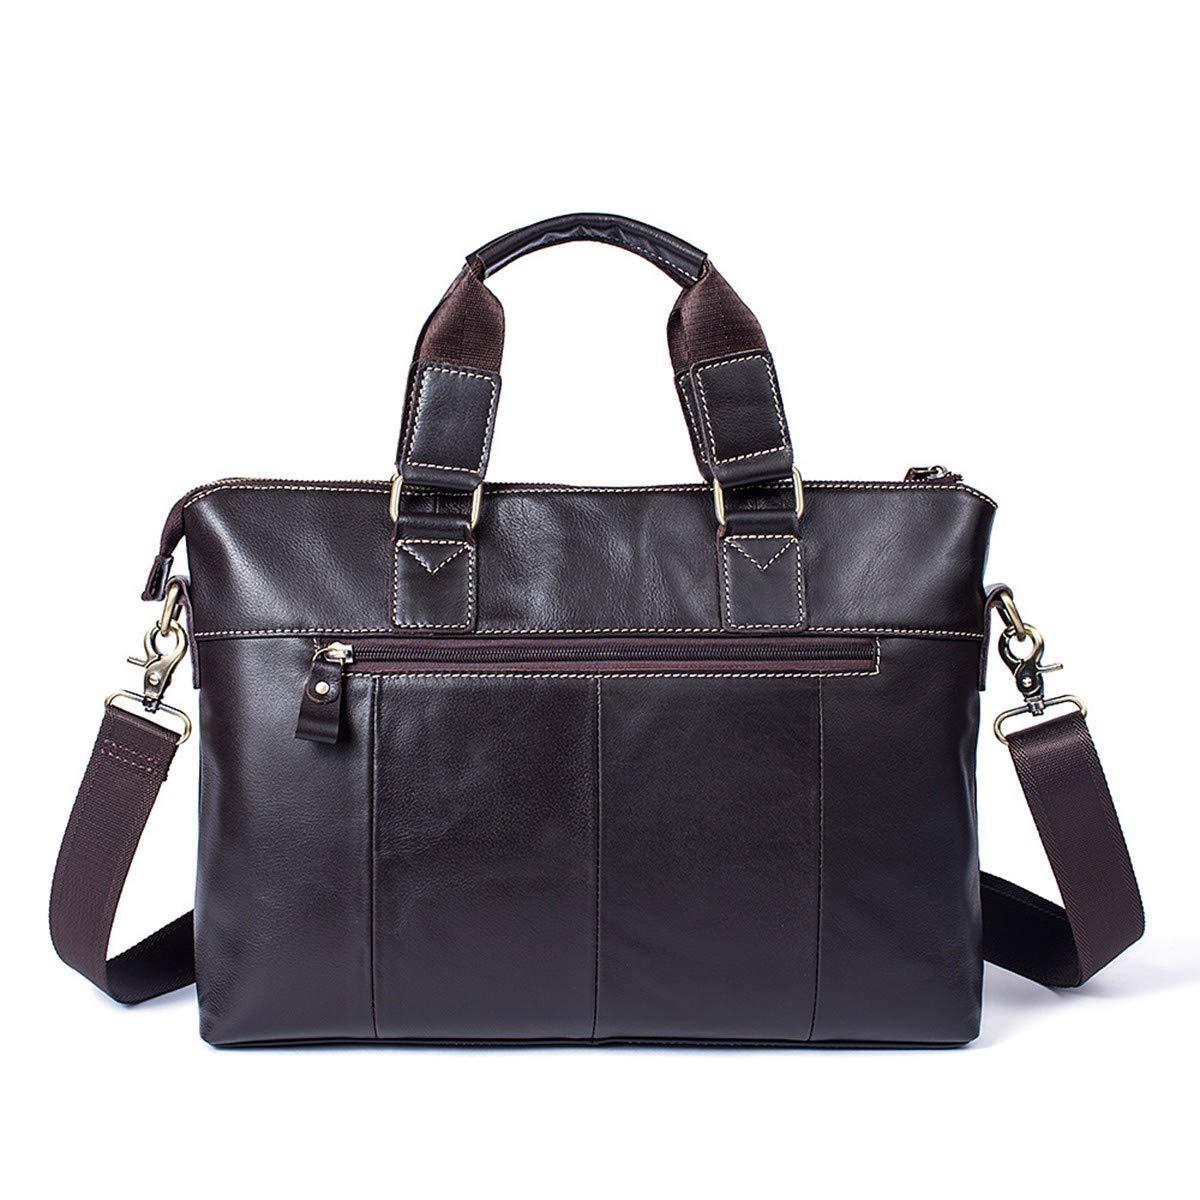 Lianai11 Laptoptasche männliche Geschäft Aktentasche Herren Messenger Bag lässig l Mode Geschäft Tasche